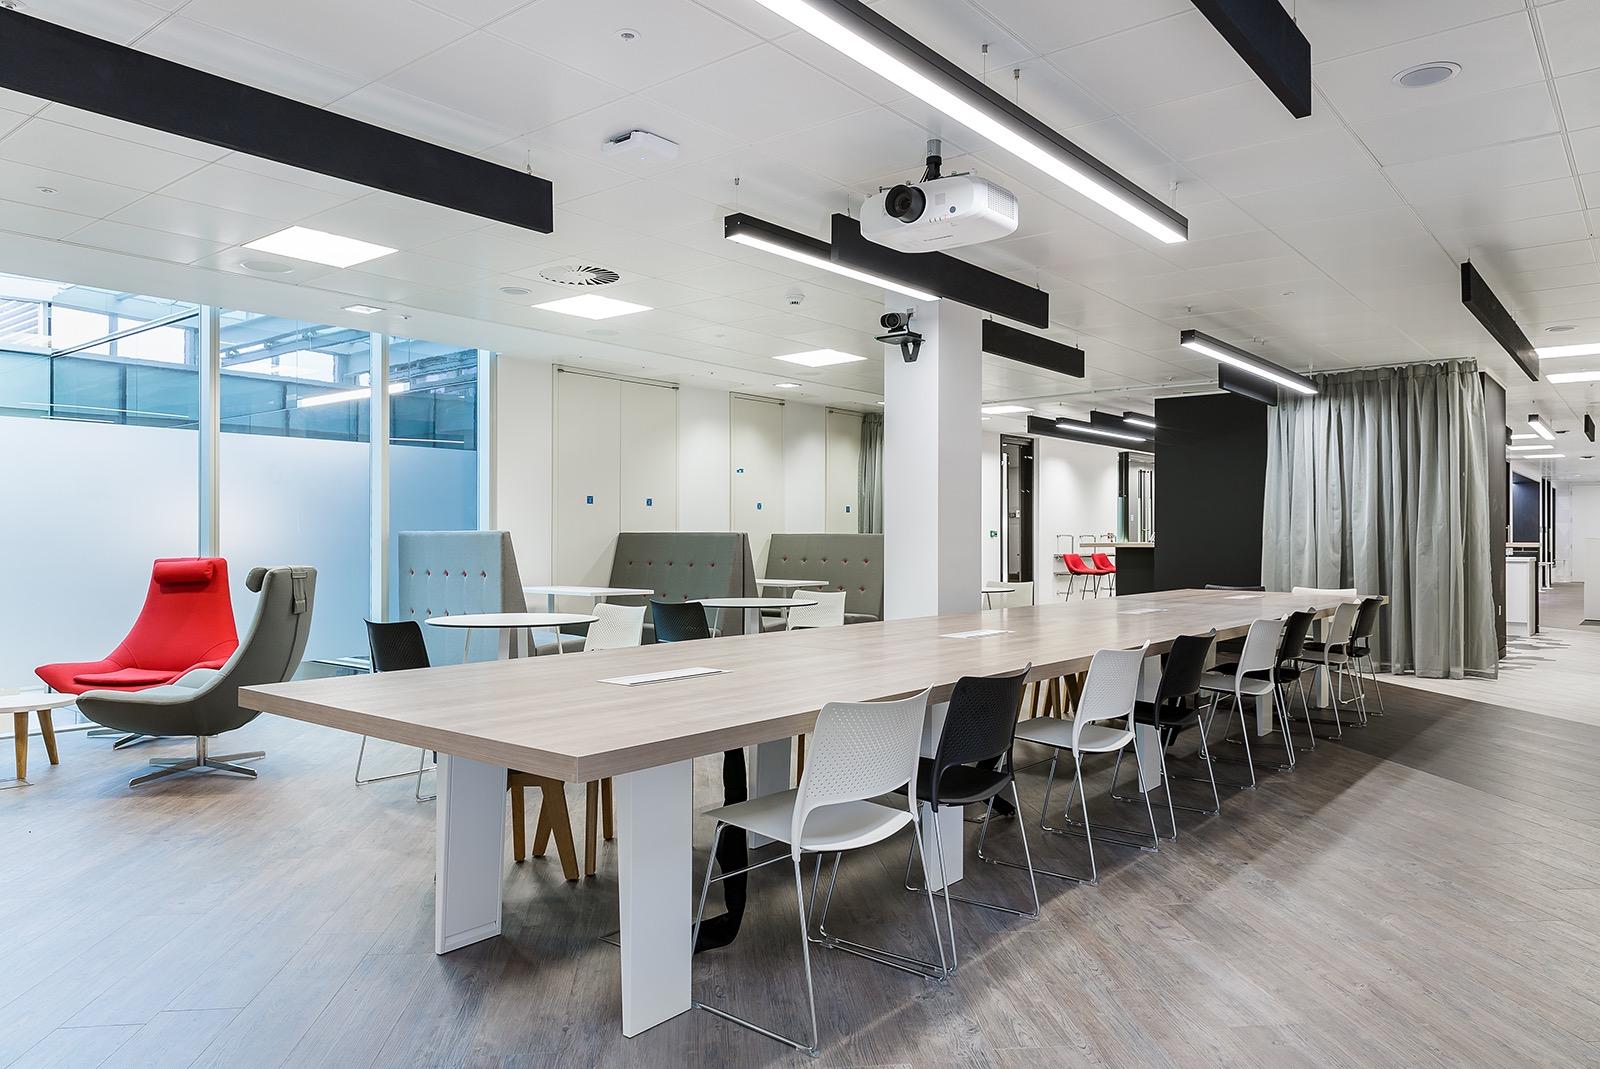 rakuten-office-london-3